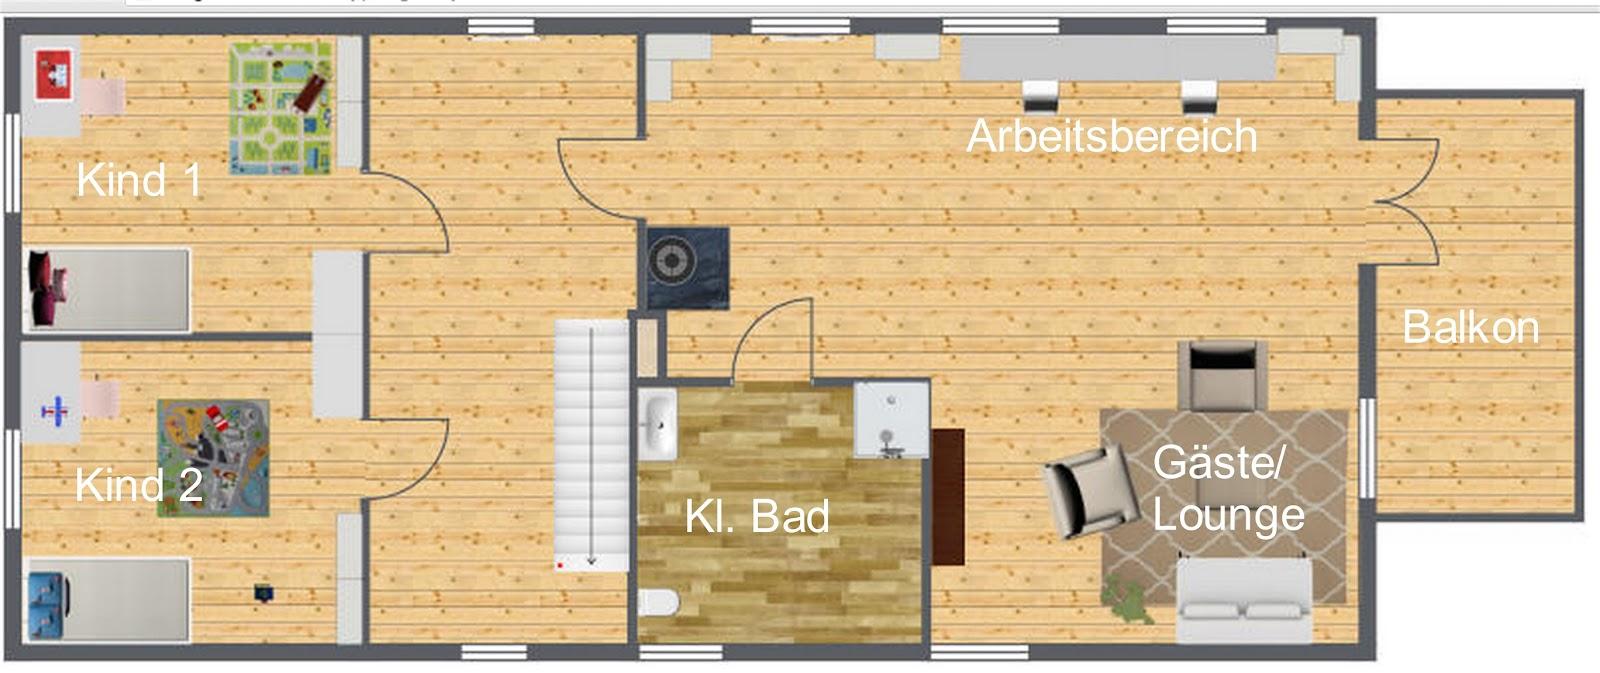 mondsteinhof begleitet uns beim sanieren unseres bauernhauses vom christbaum aus das ganze. Black Bedroom Furniture Sets. Home Design Ideas